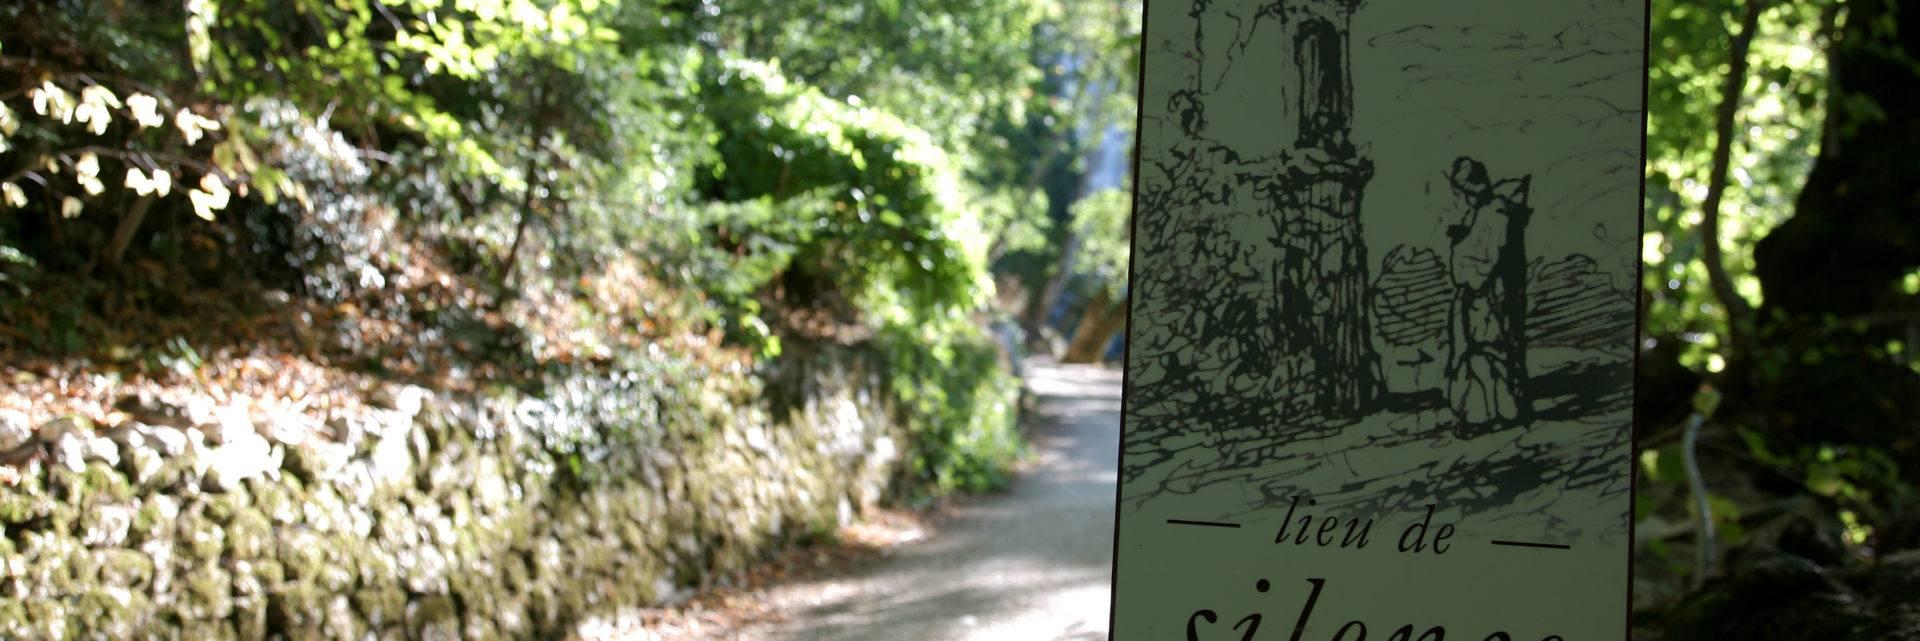 Chemin des Roys, massif de la Sainte-Baume